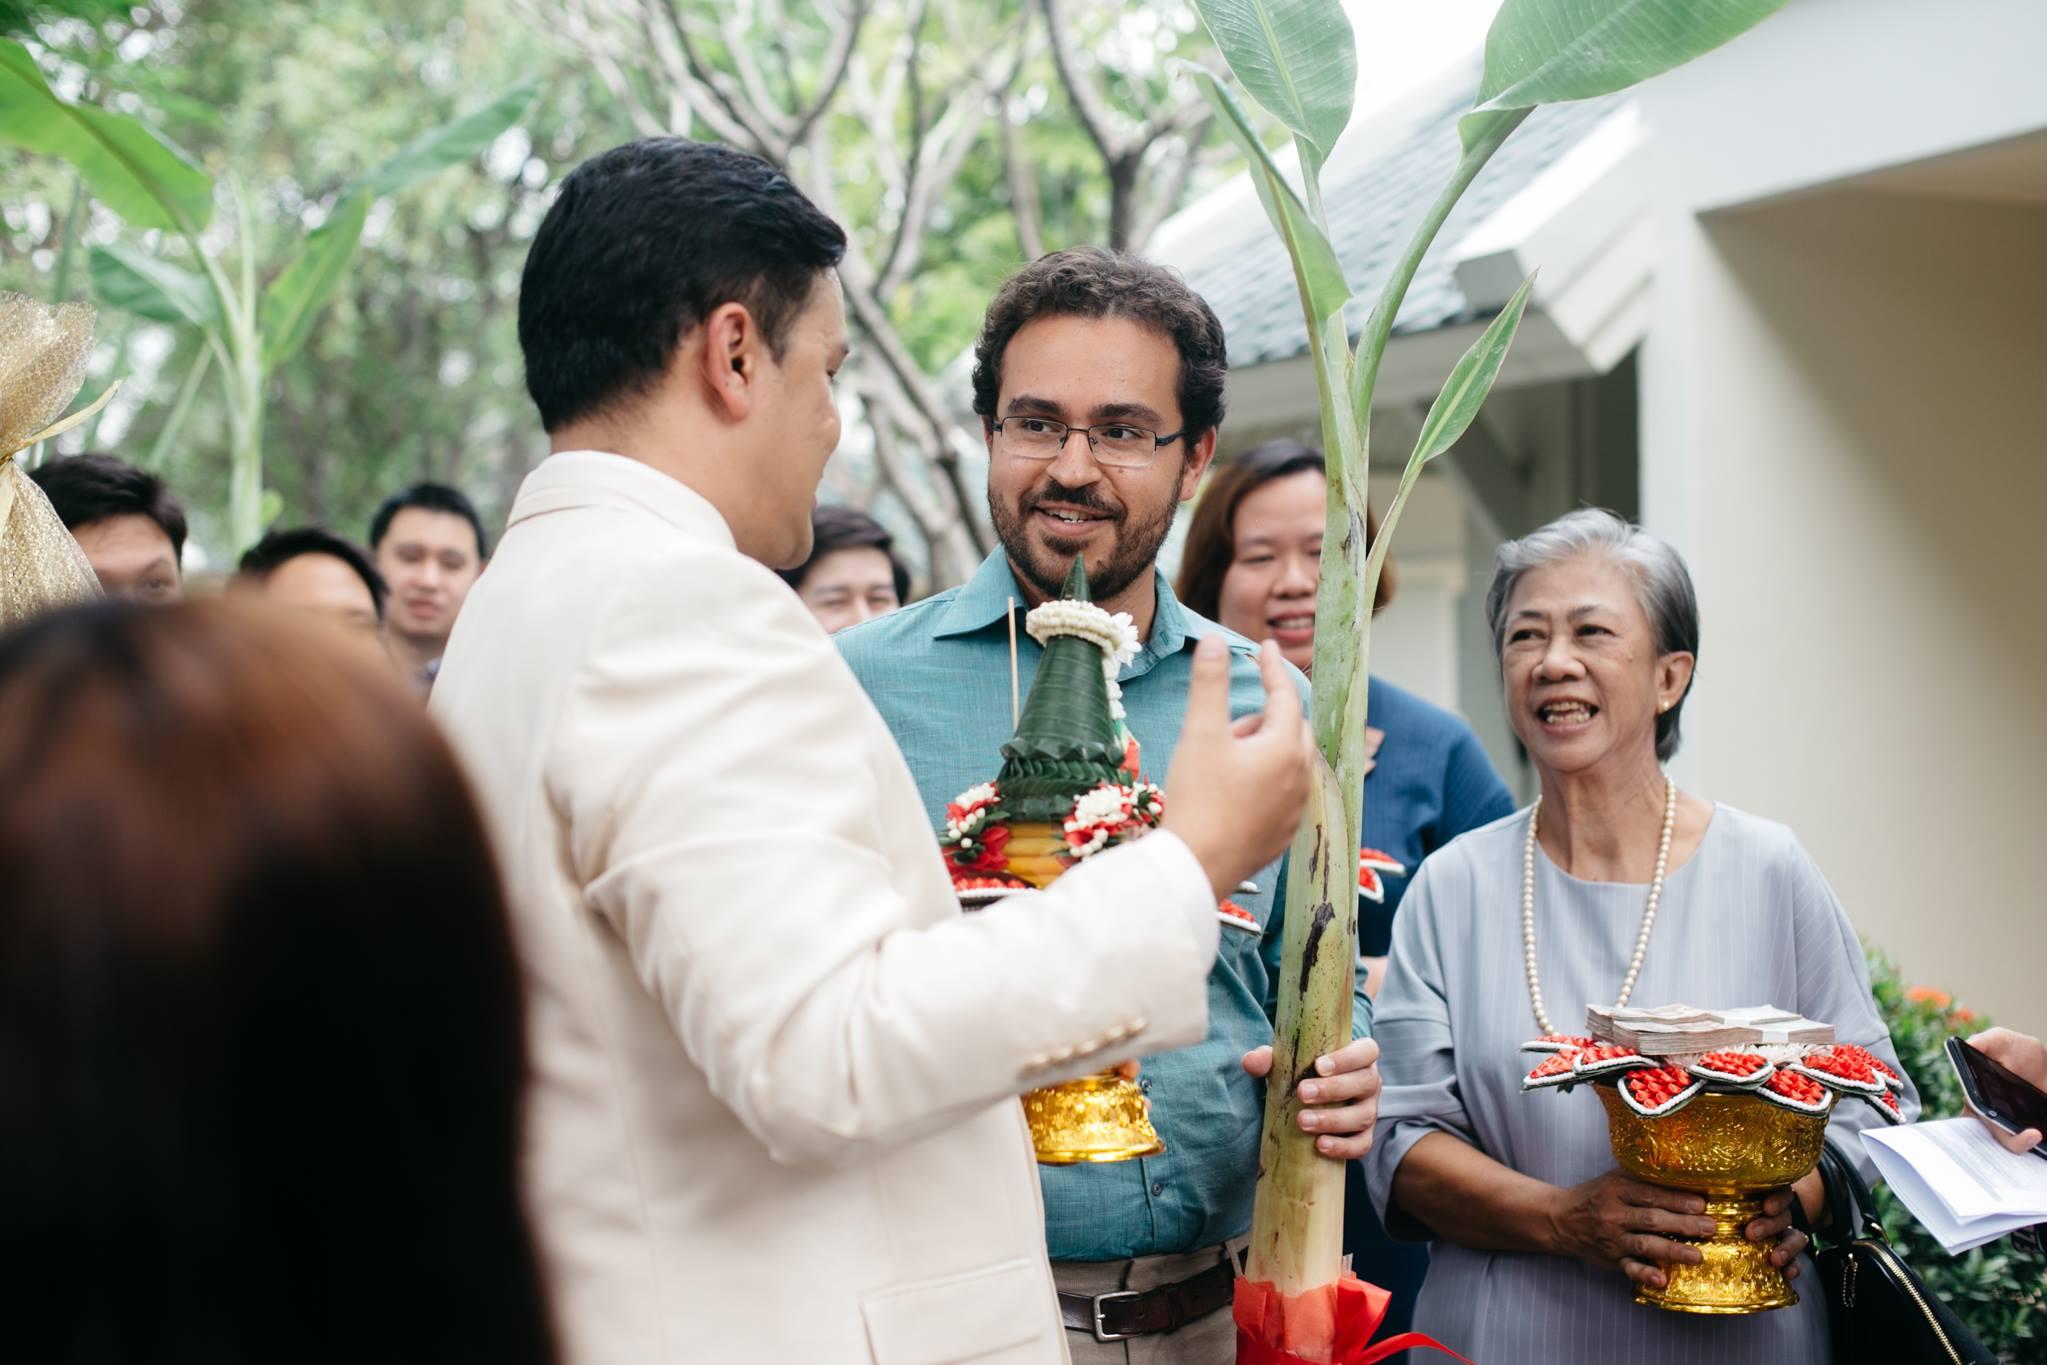 No casamento tailandês com uma bananeira na mão